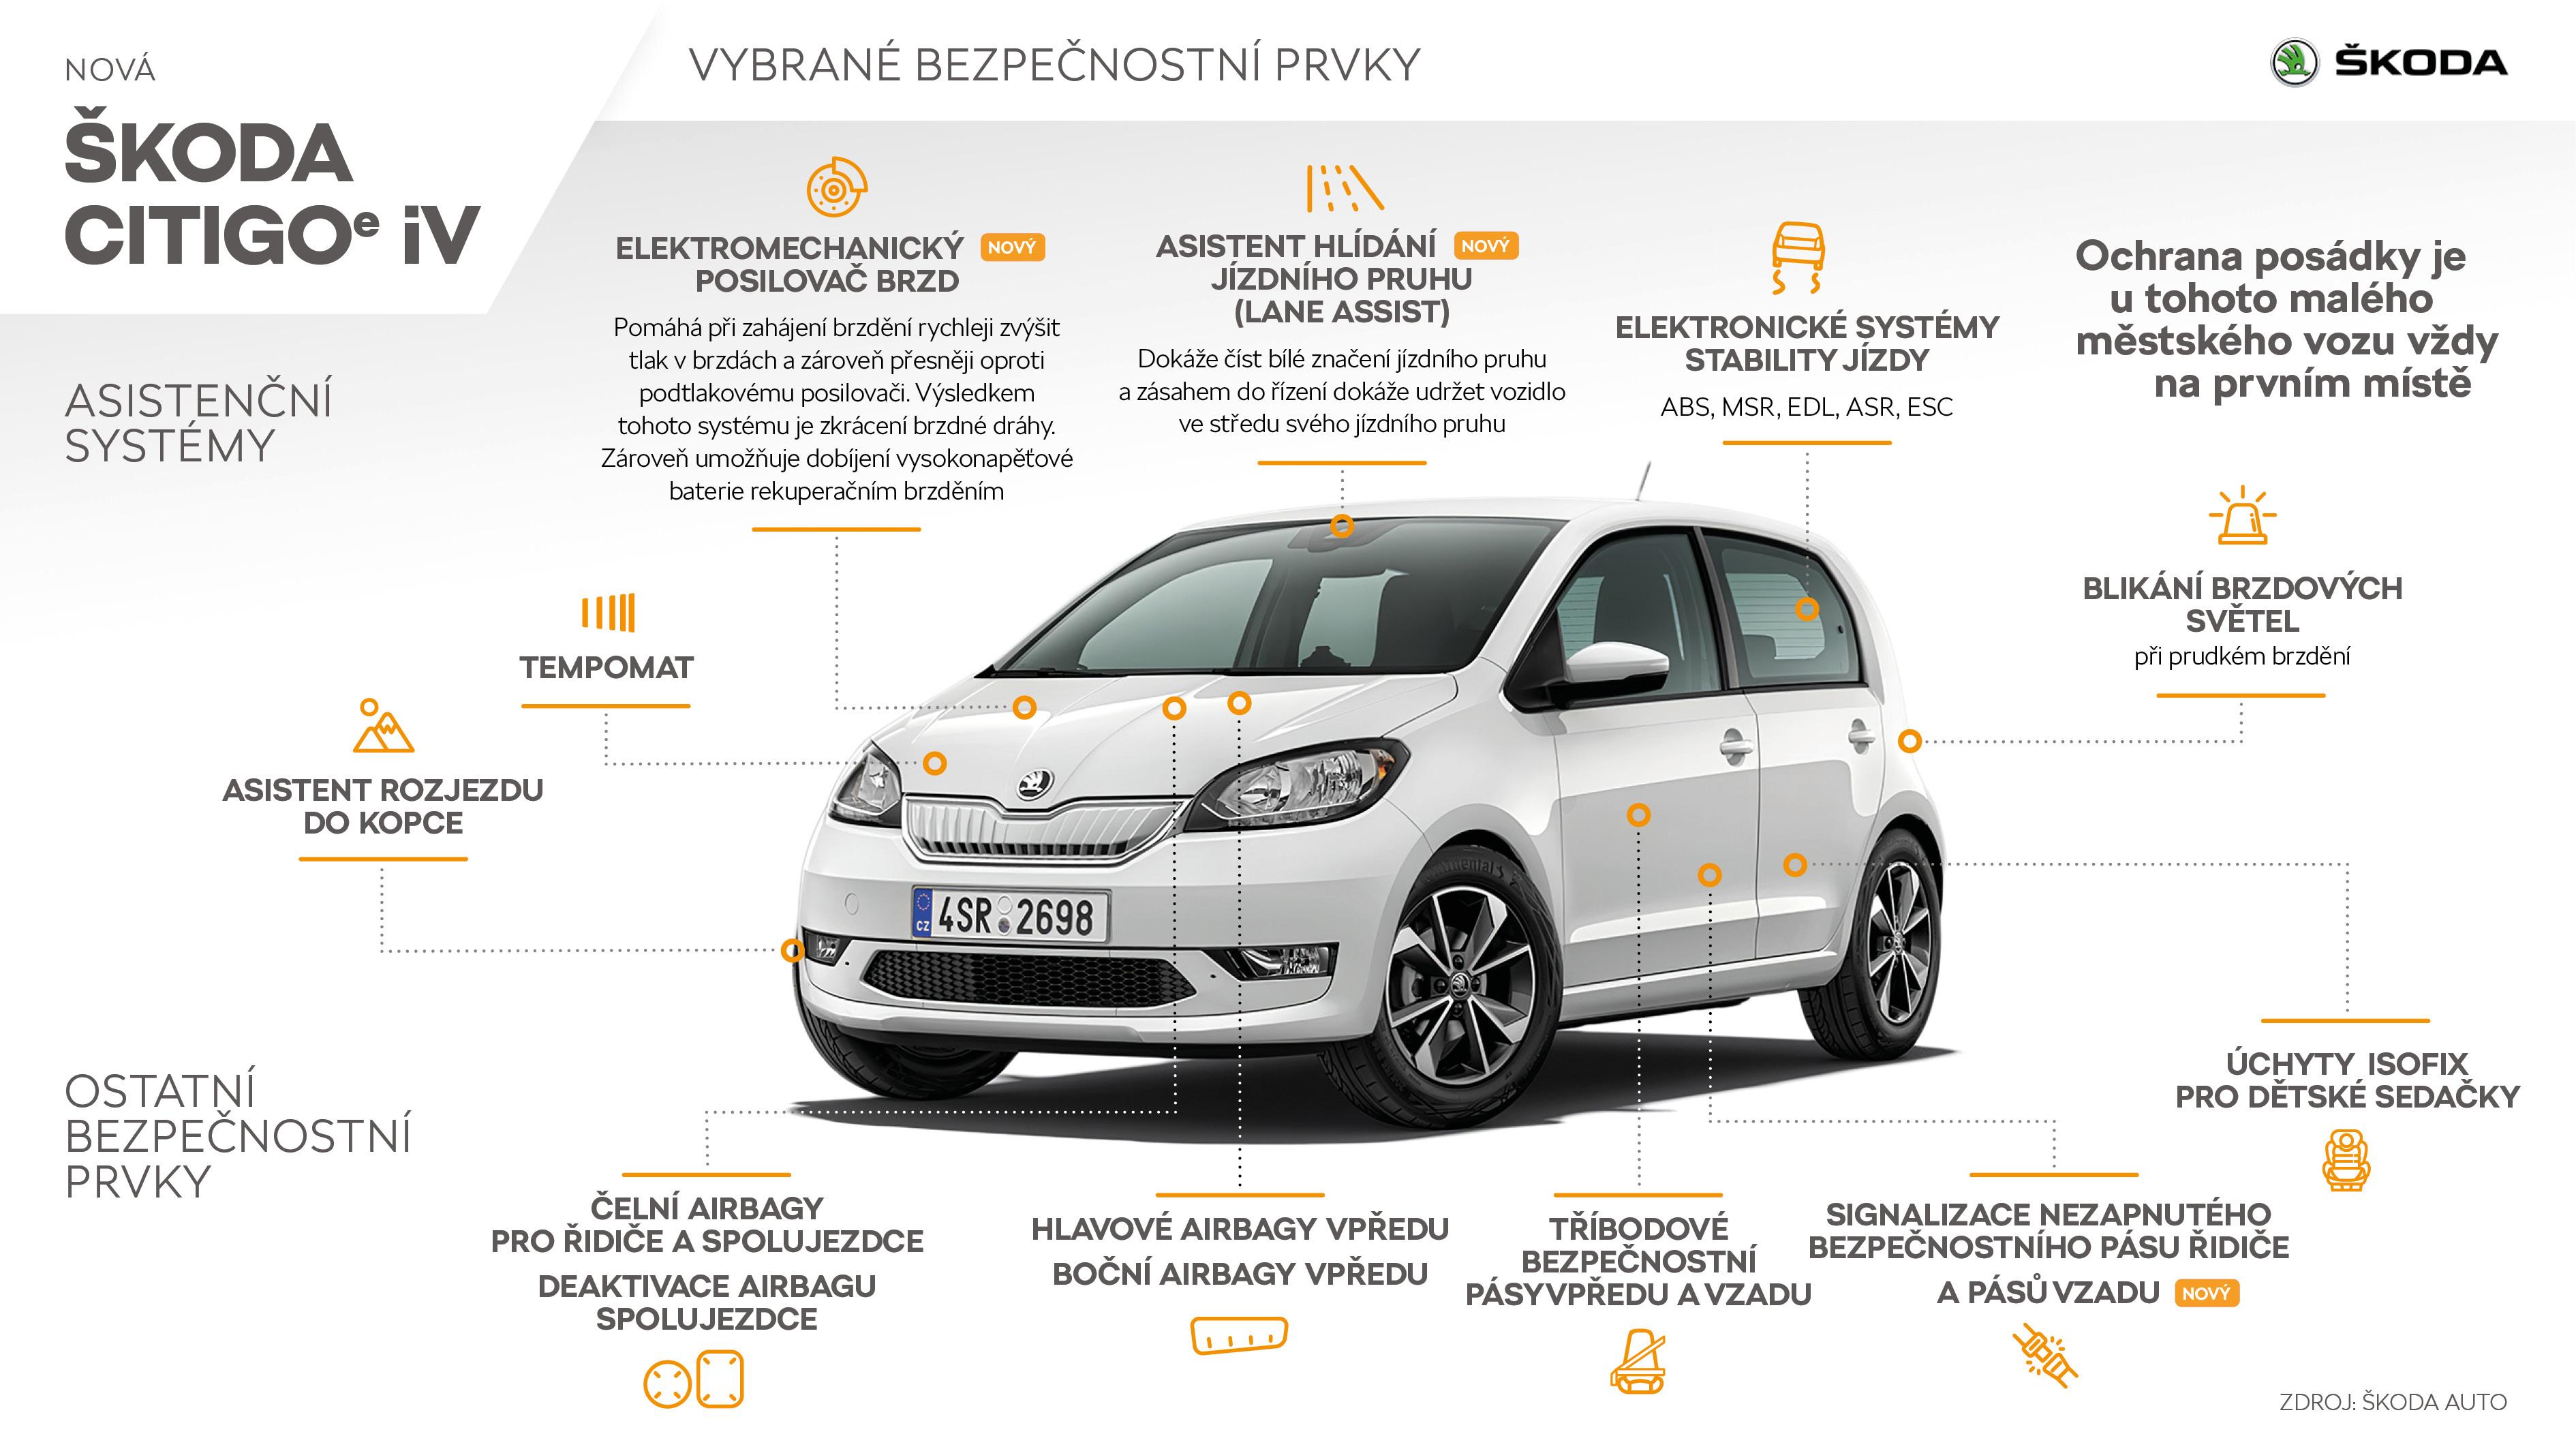 ŠKODACITIGOᵉ iV - Infografika